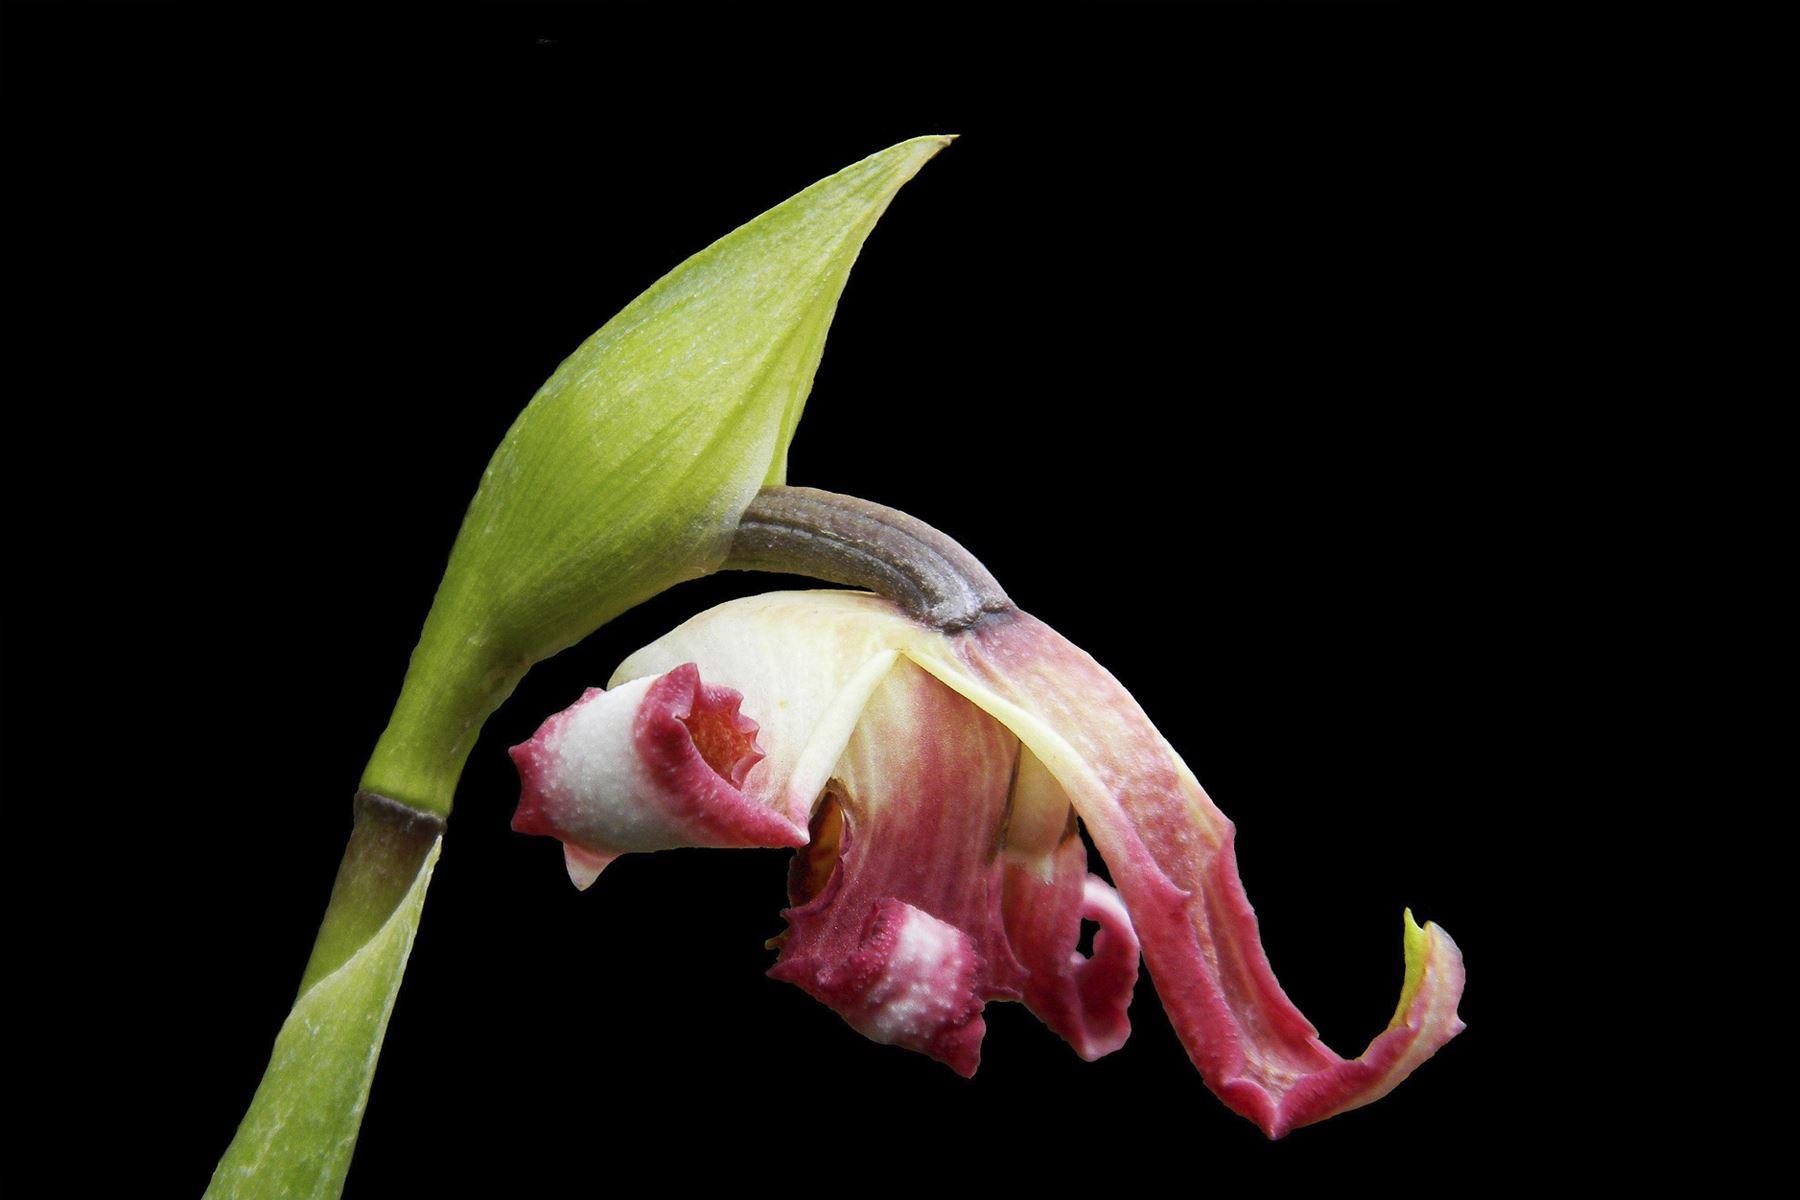 Hallazgo de un tipo de orquídea que no había sido descrito anteriormente fue hecho en Oxapampa, Pasco, por un grupo de investigadores que busca conocer a profundidad los procesos de polinización de la planta.